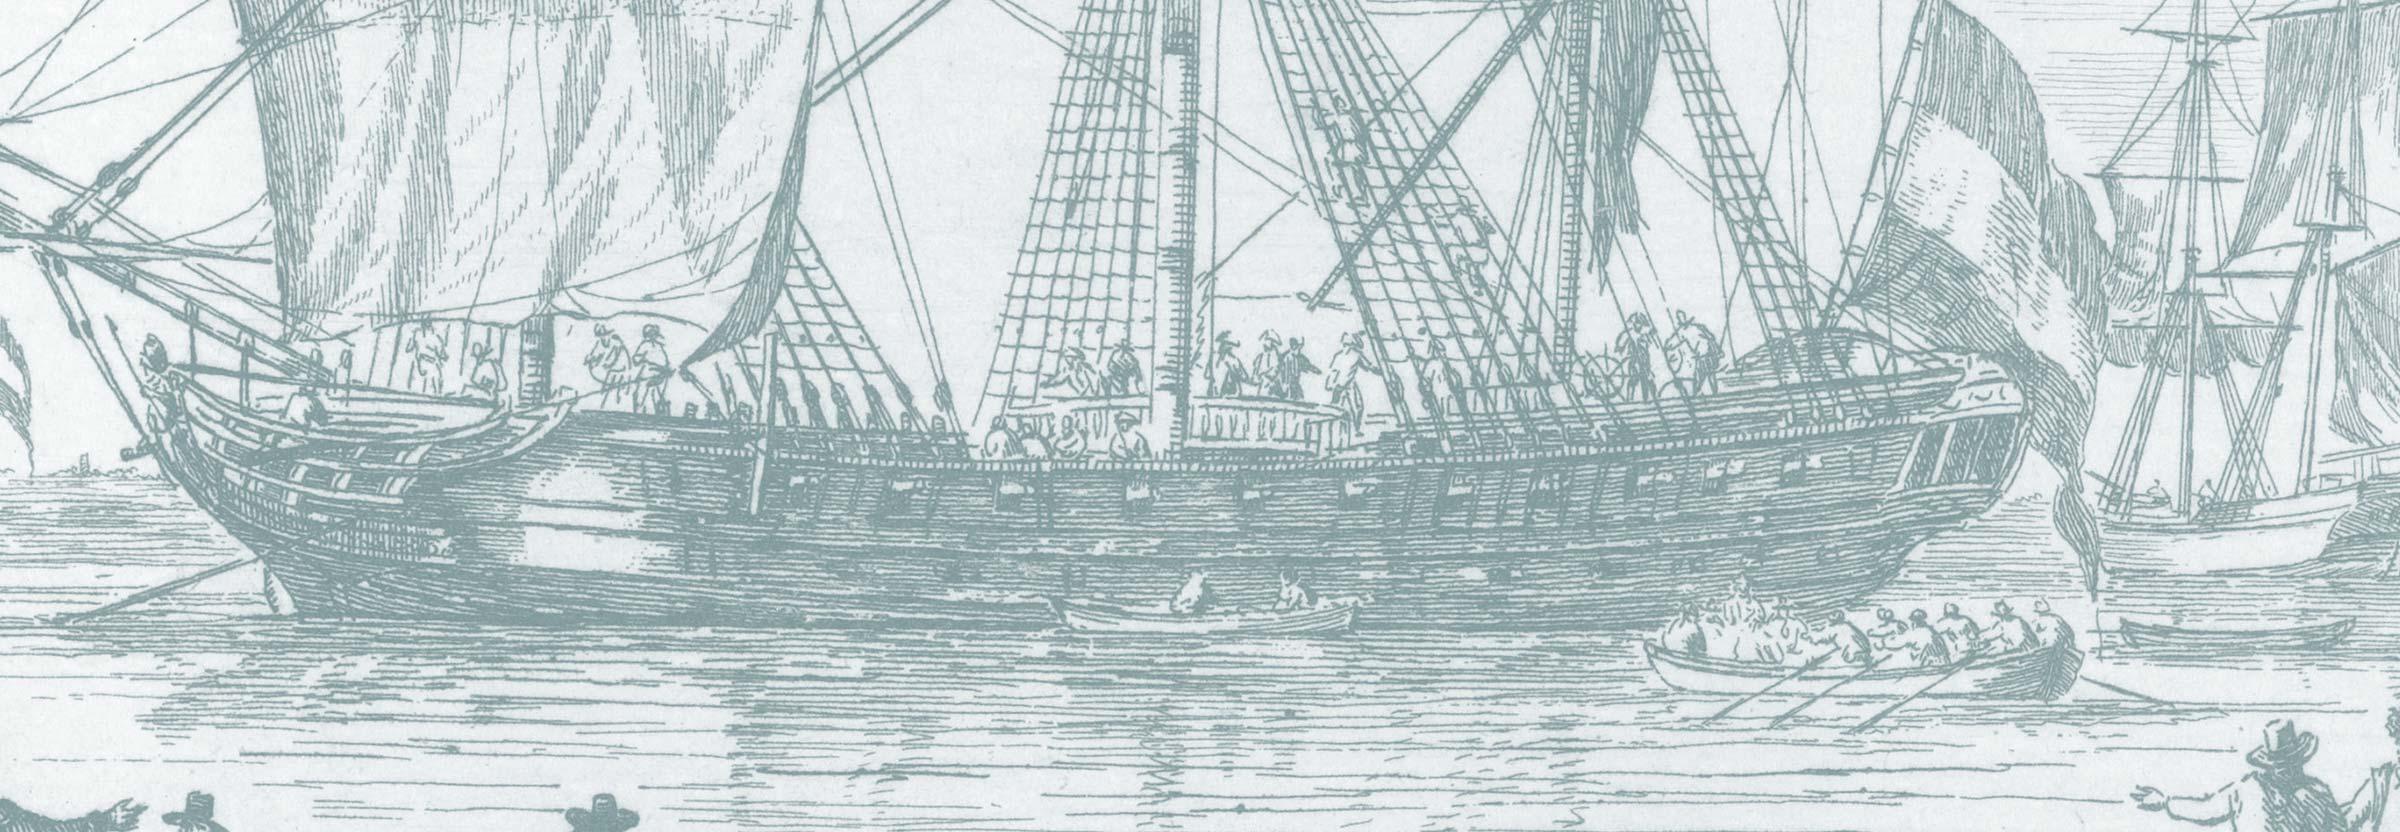 parallax-ship-2